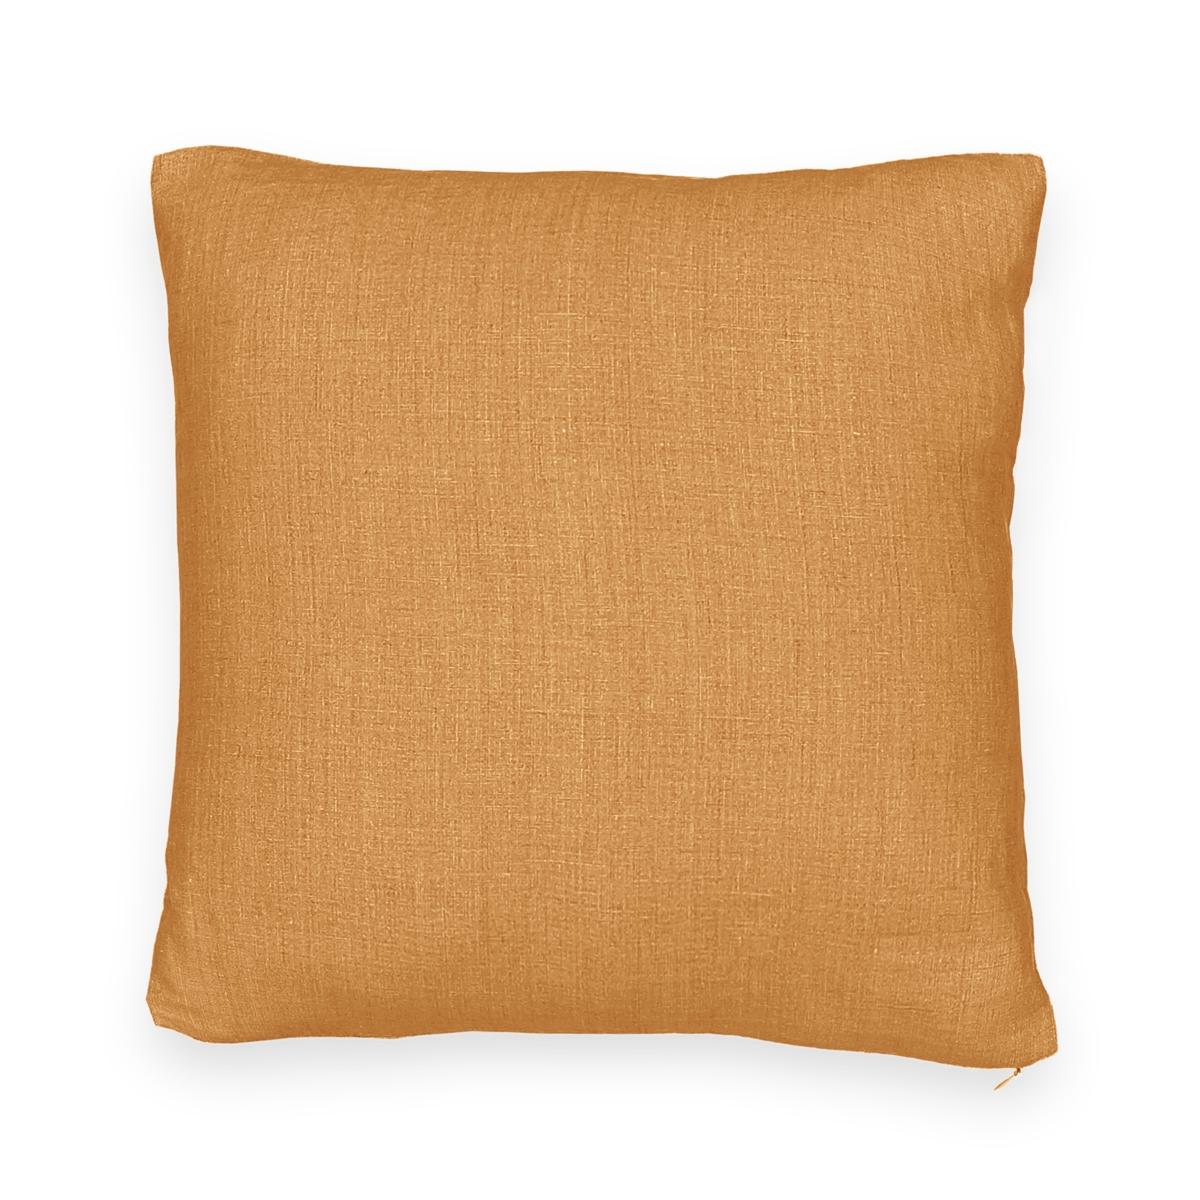 Чехол на подушку-валик из стираного льна, ONEGAКачество BEST, чехол на подушку-валик из стираного льна Onega с легким жатым эффектом.Характеристики чехла на подушку-валик из 100% льна Onega :Качество BEST, требование качества.100% лен.Застежка на молнию.Машинная стирка при 30 °СРазмеры чехла на подушку-валик из 100% льна Onega :40 x 40 см.Найдите подушку Terra на сайте laredoute .ruЗнак Oeko-Tex® гарантирует, что товары прошли проверку и были изготовлены без применения вредных для здоровья человека веществ.<br><br>Цвет: антрацит,белый,бледный сине-зеленый,прусский синий,серо-бежевый,терракота